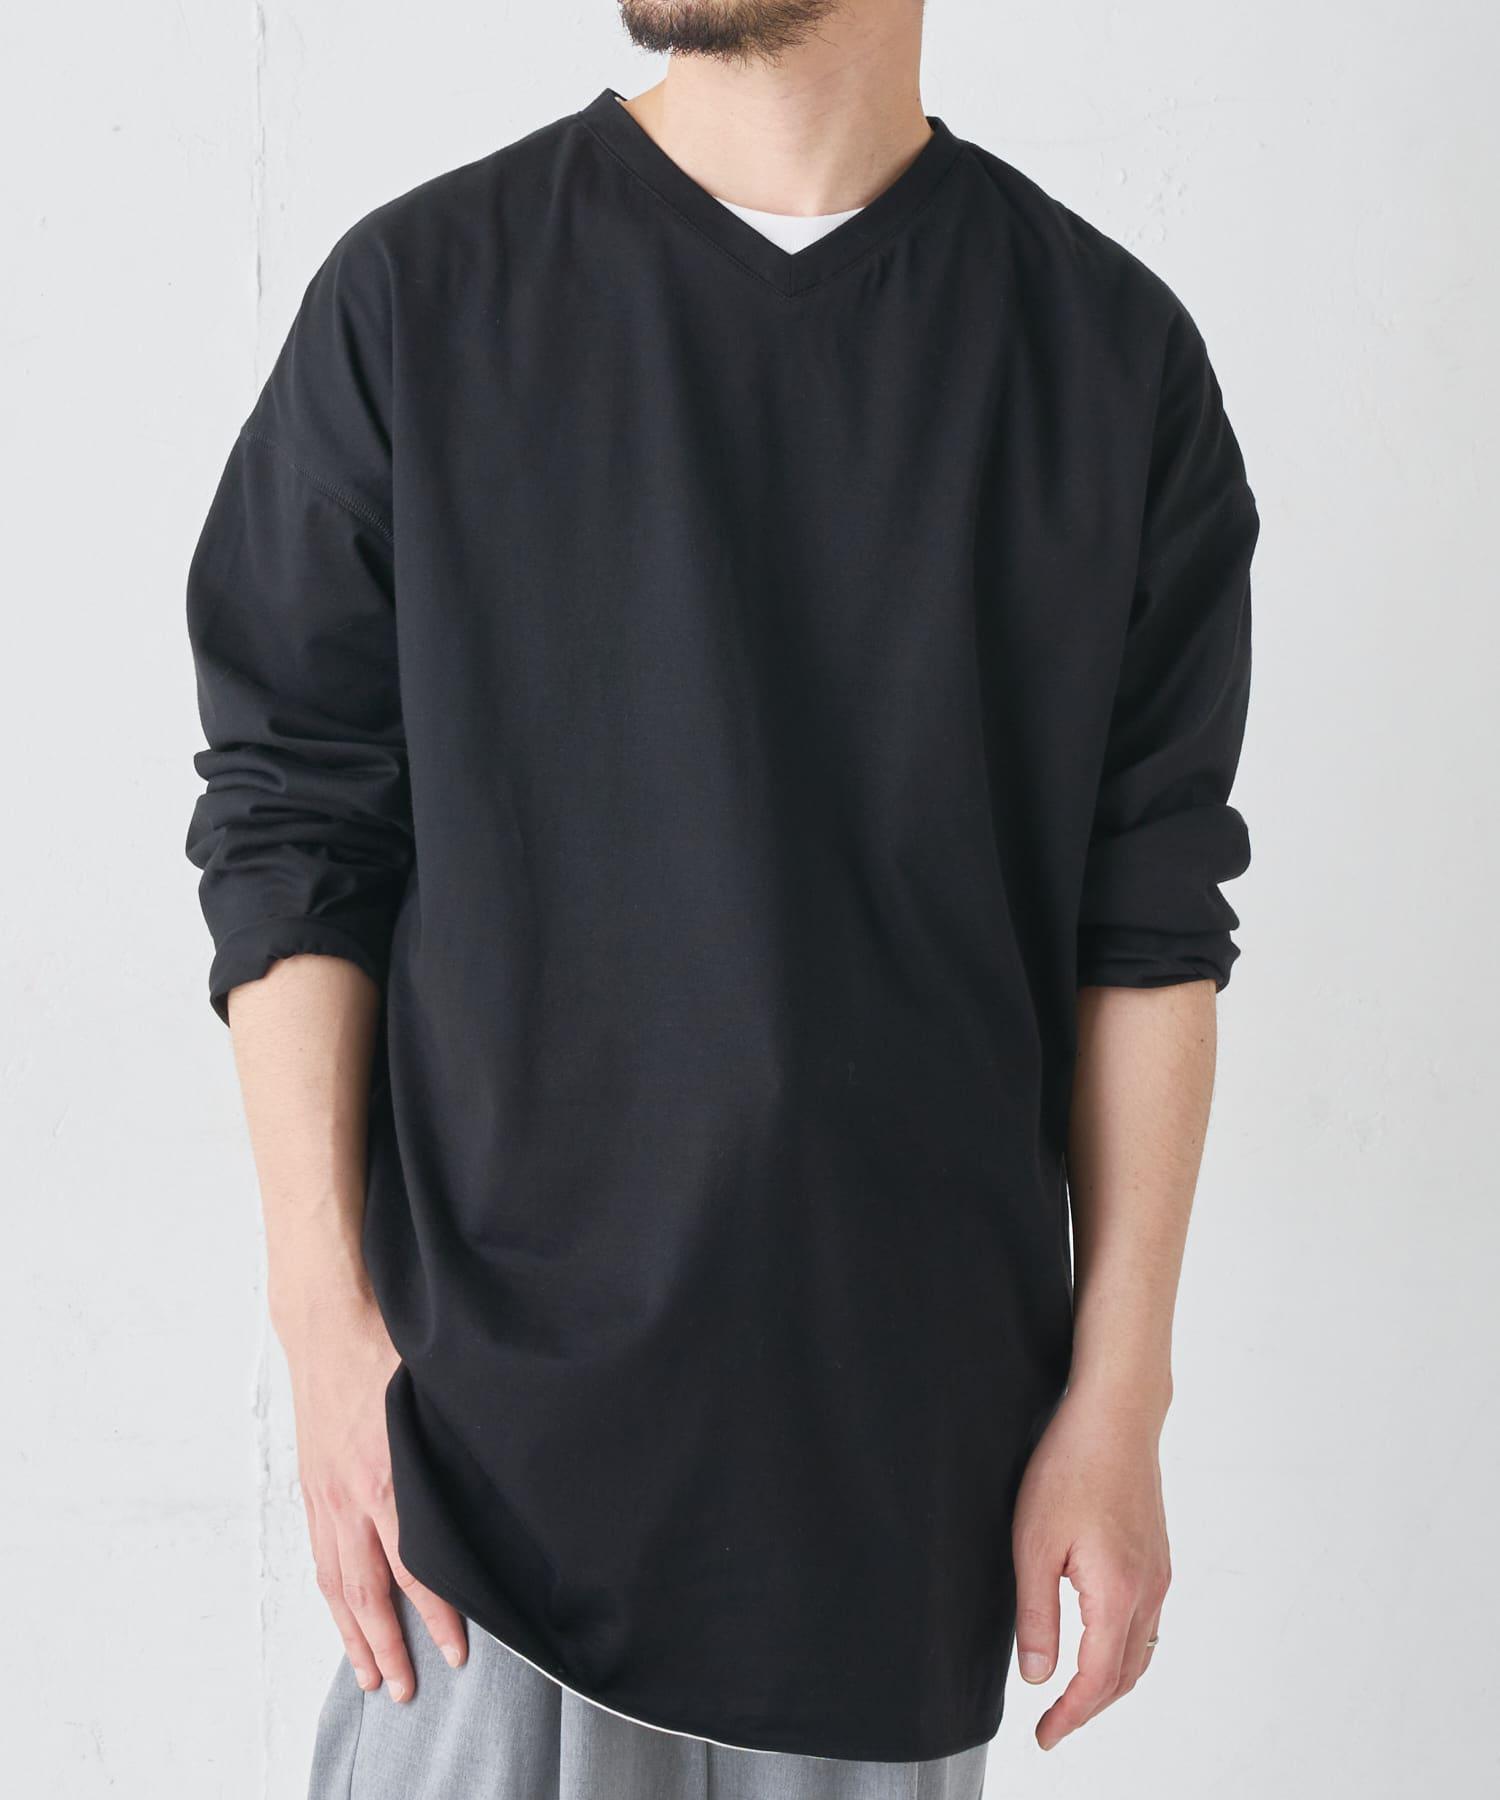 BONbazaar(ボンバザール) BONbazaar(ボンバザール) 《ユニセックス》前後2WAYオーバーサイズTシャツ ブラック